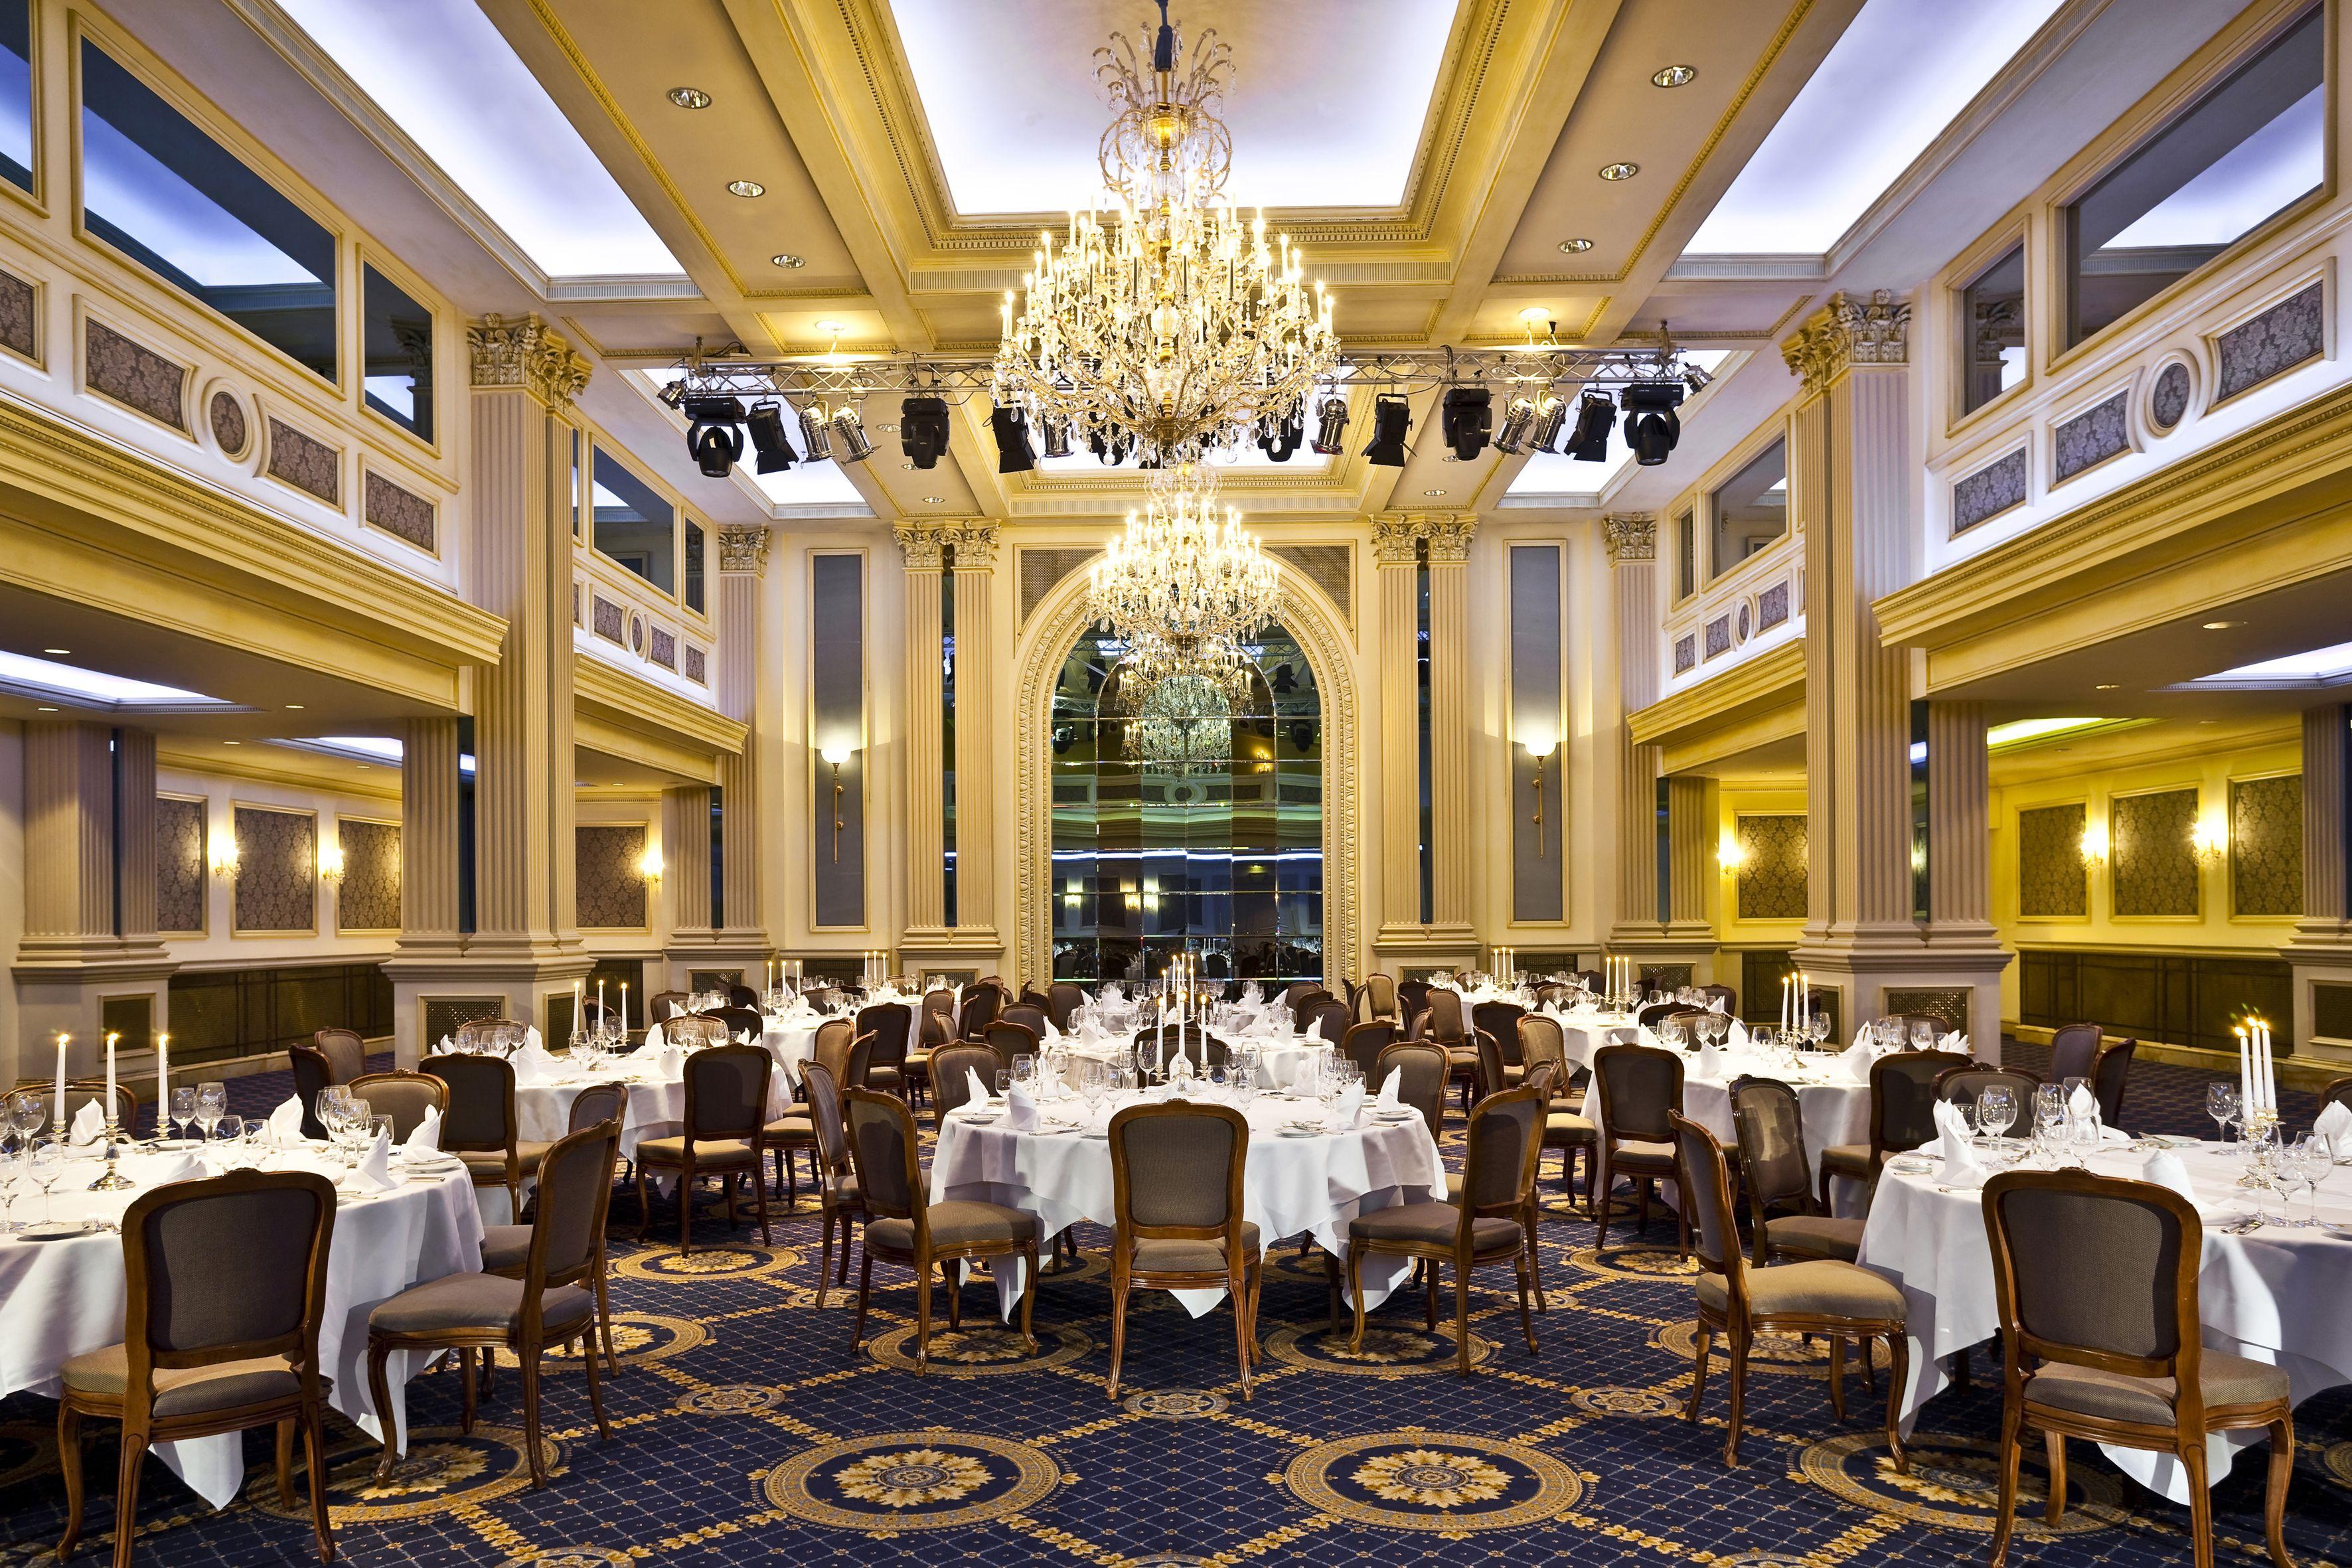 Grand Hotel Wien - Ballroom #luxpitality #grandhotelwien #